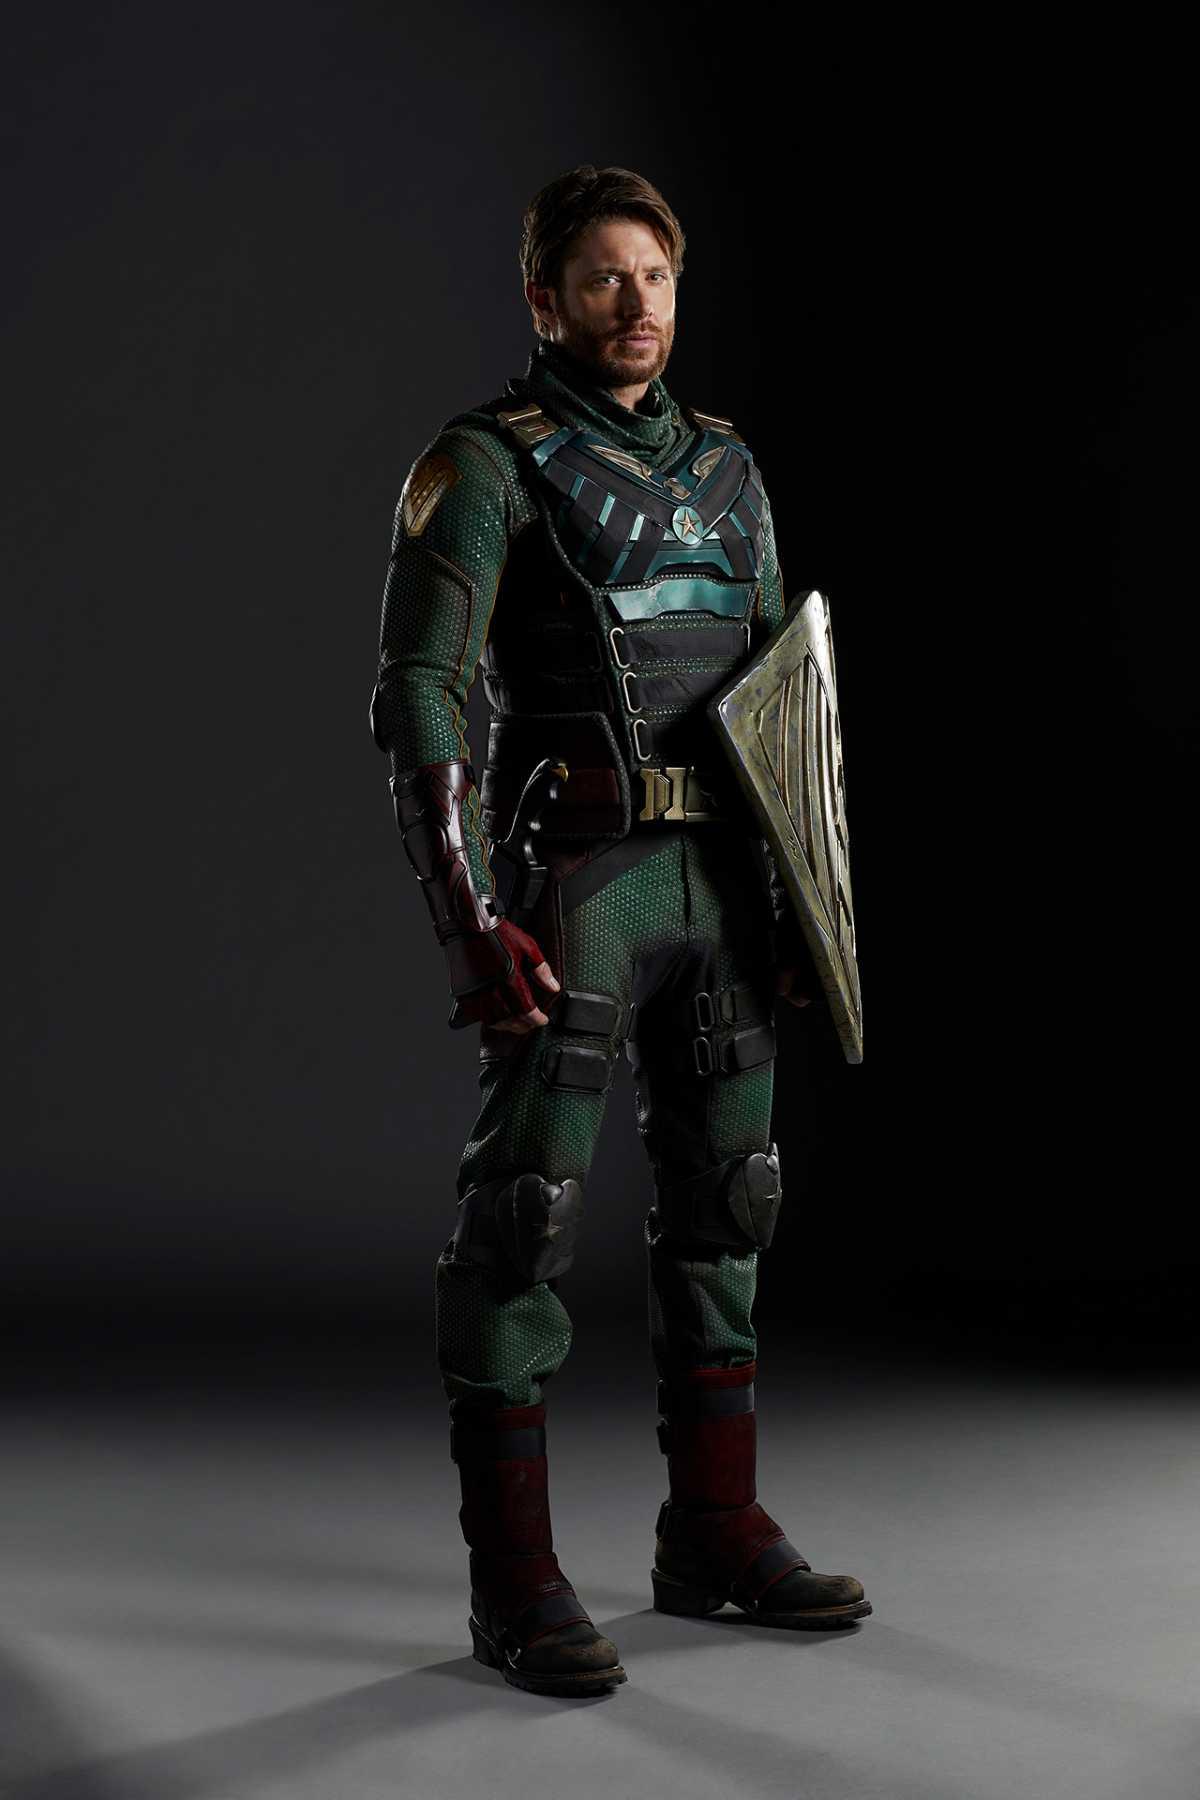 Jensen Ackles is Soldier Boy